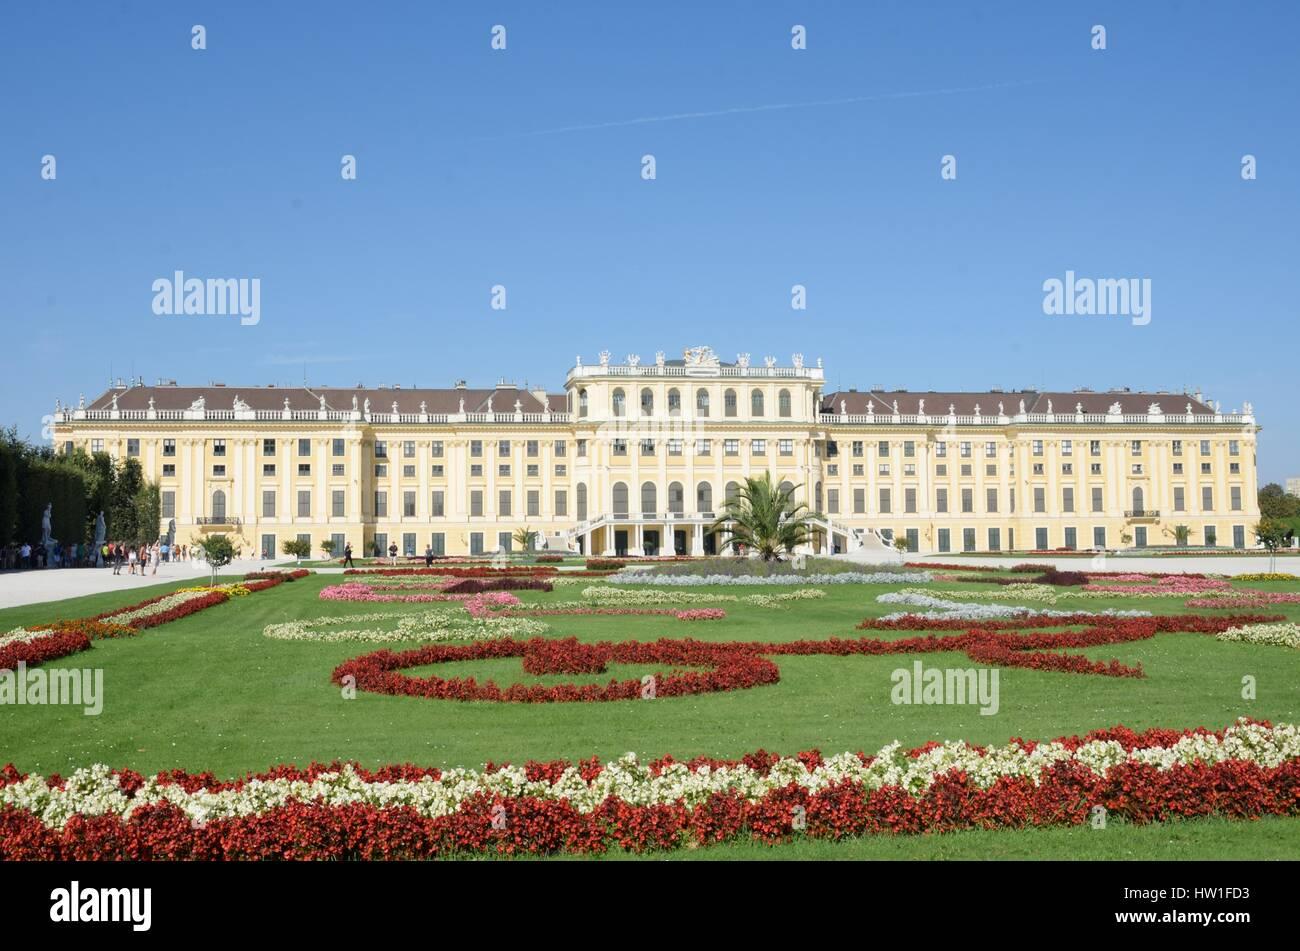 SCHÖNBRUNN PALACE VIENNA AUSTRIA 29 AUGUST  2015: Rear of Schönbrunn palace Vienna - Stock Image